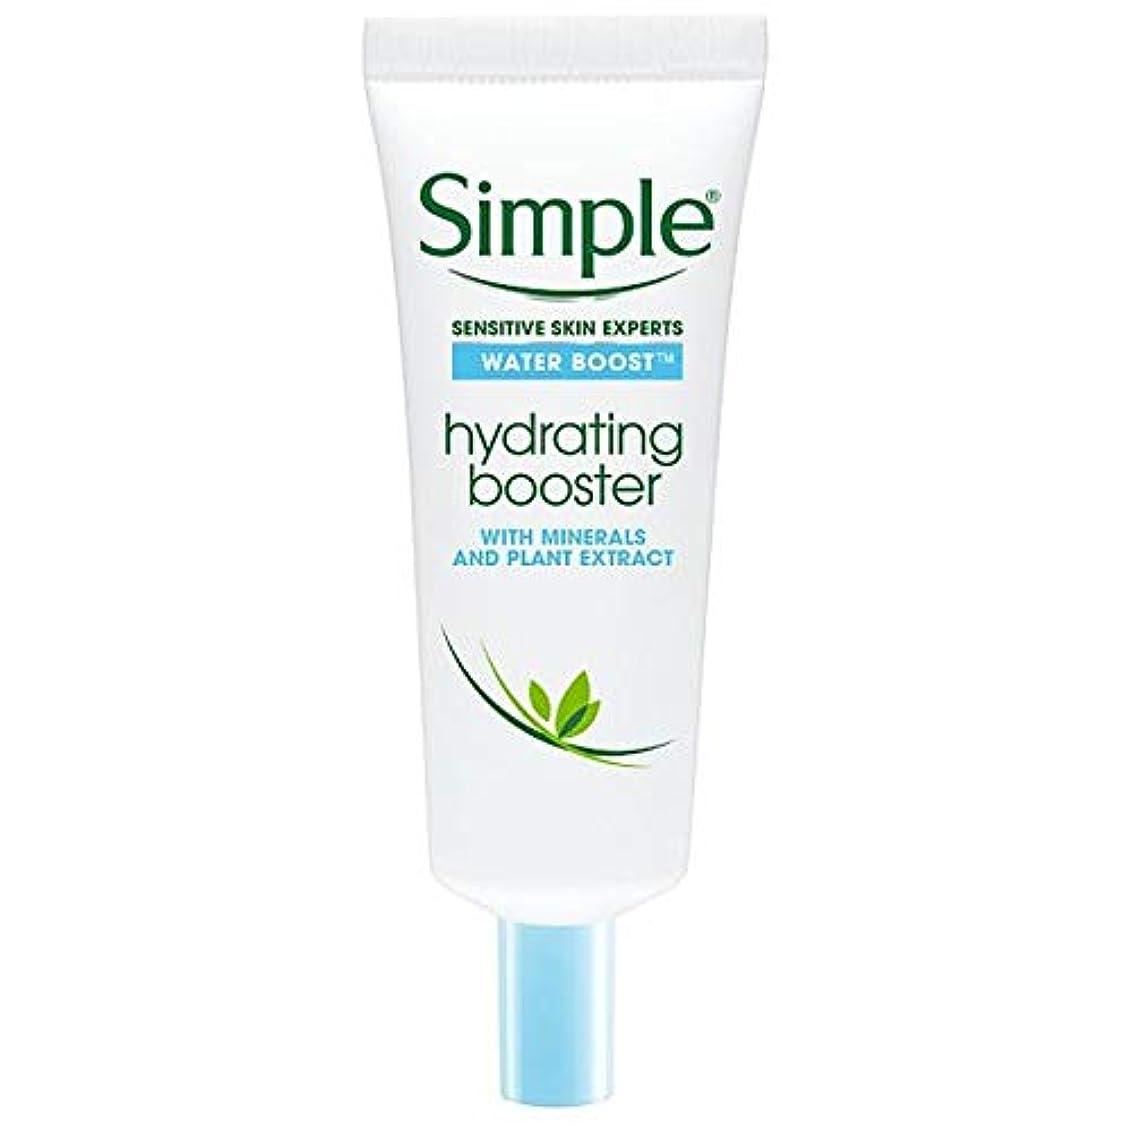 アンプ悲しいことに学ぶ[Simple] シンプルな水ブースト顔水和Bsterの25ミリリットル - Simple Water Boost Face Hydrating Bster 25Ml [並行輸入品]